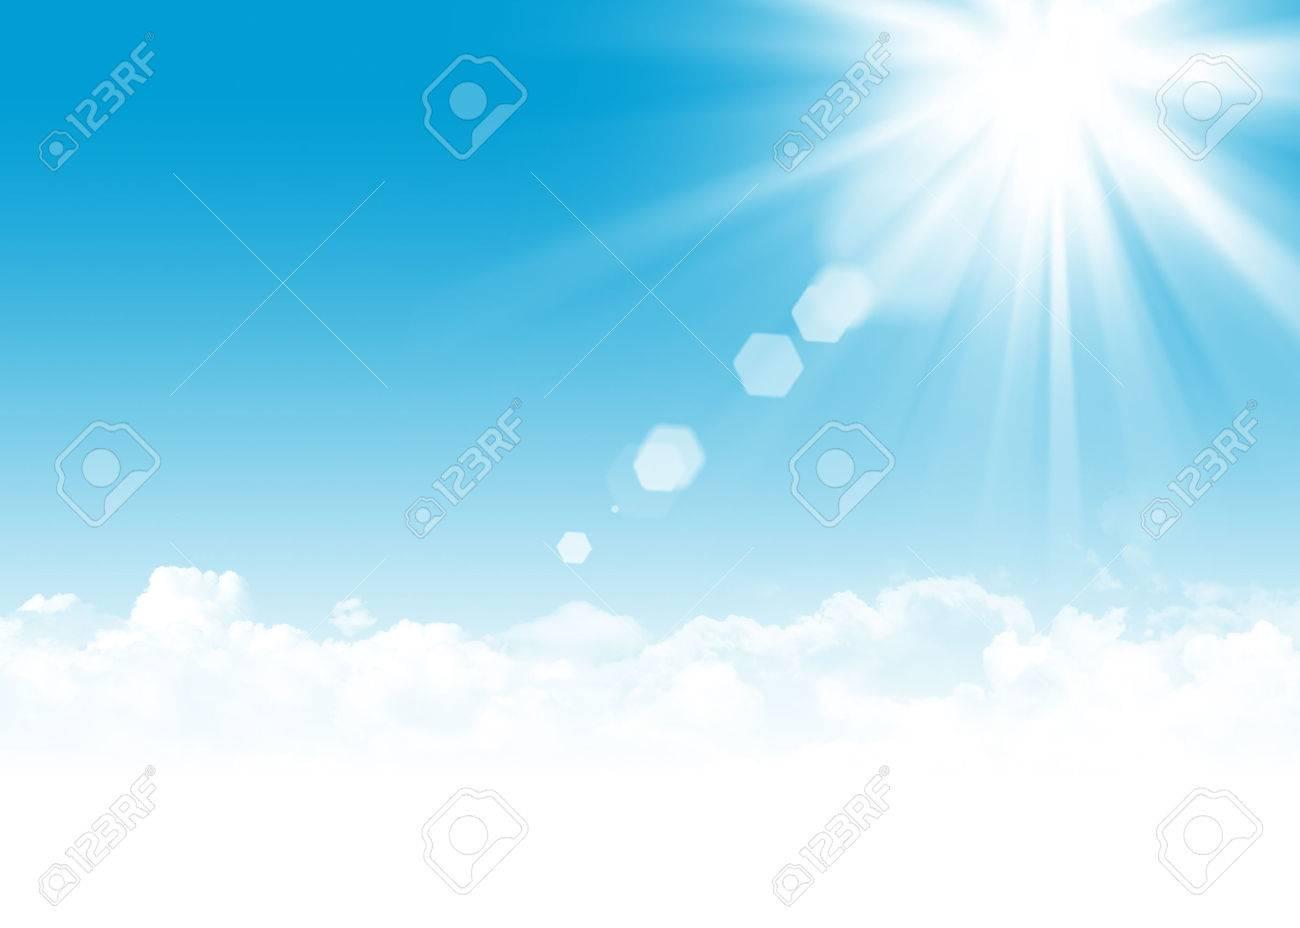 青い空と雲と太陽の抽象的な背景イラスト コピー スペースと